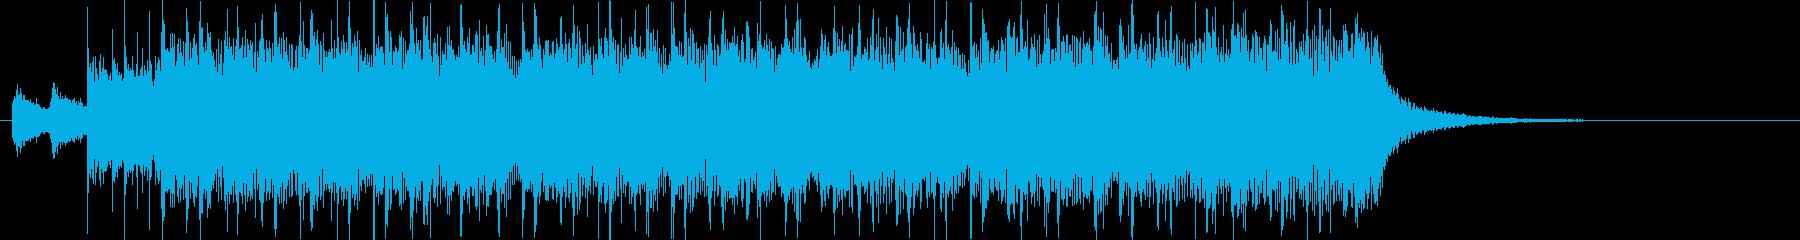 和風ロック、ジングル、勢い、サウンドロゴの再生済みの波形